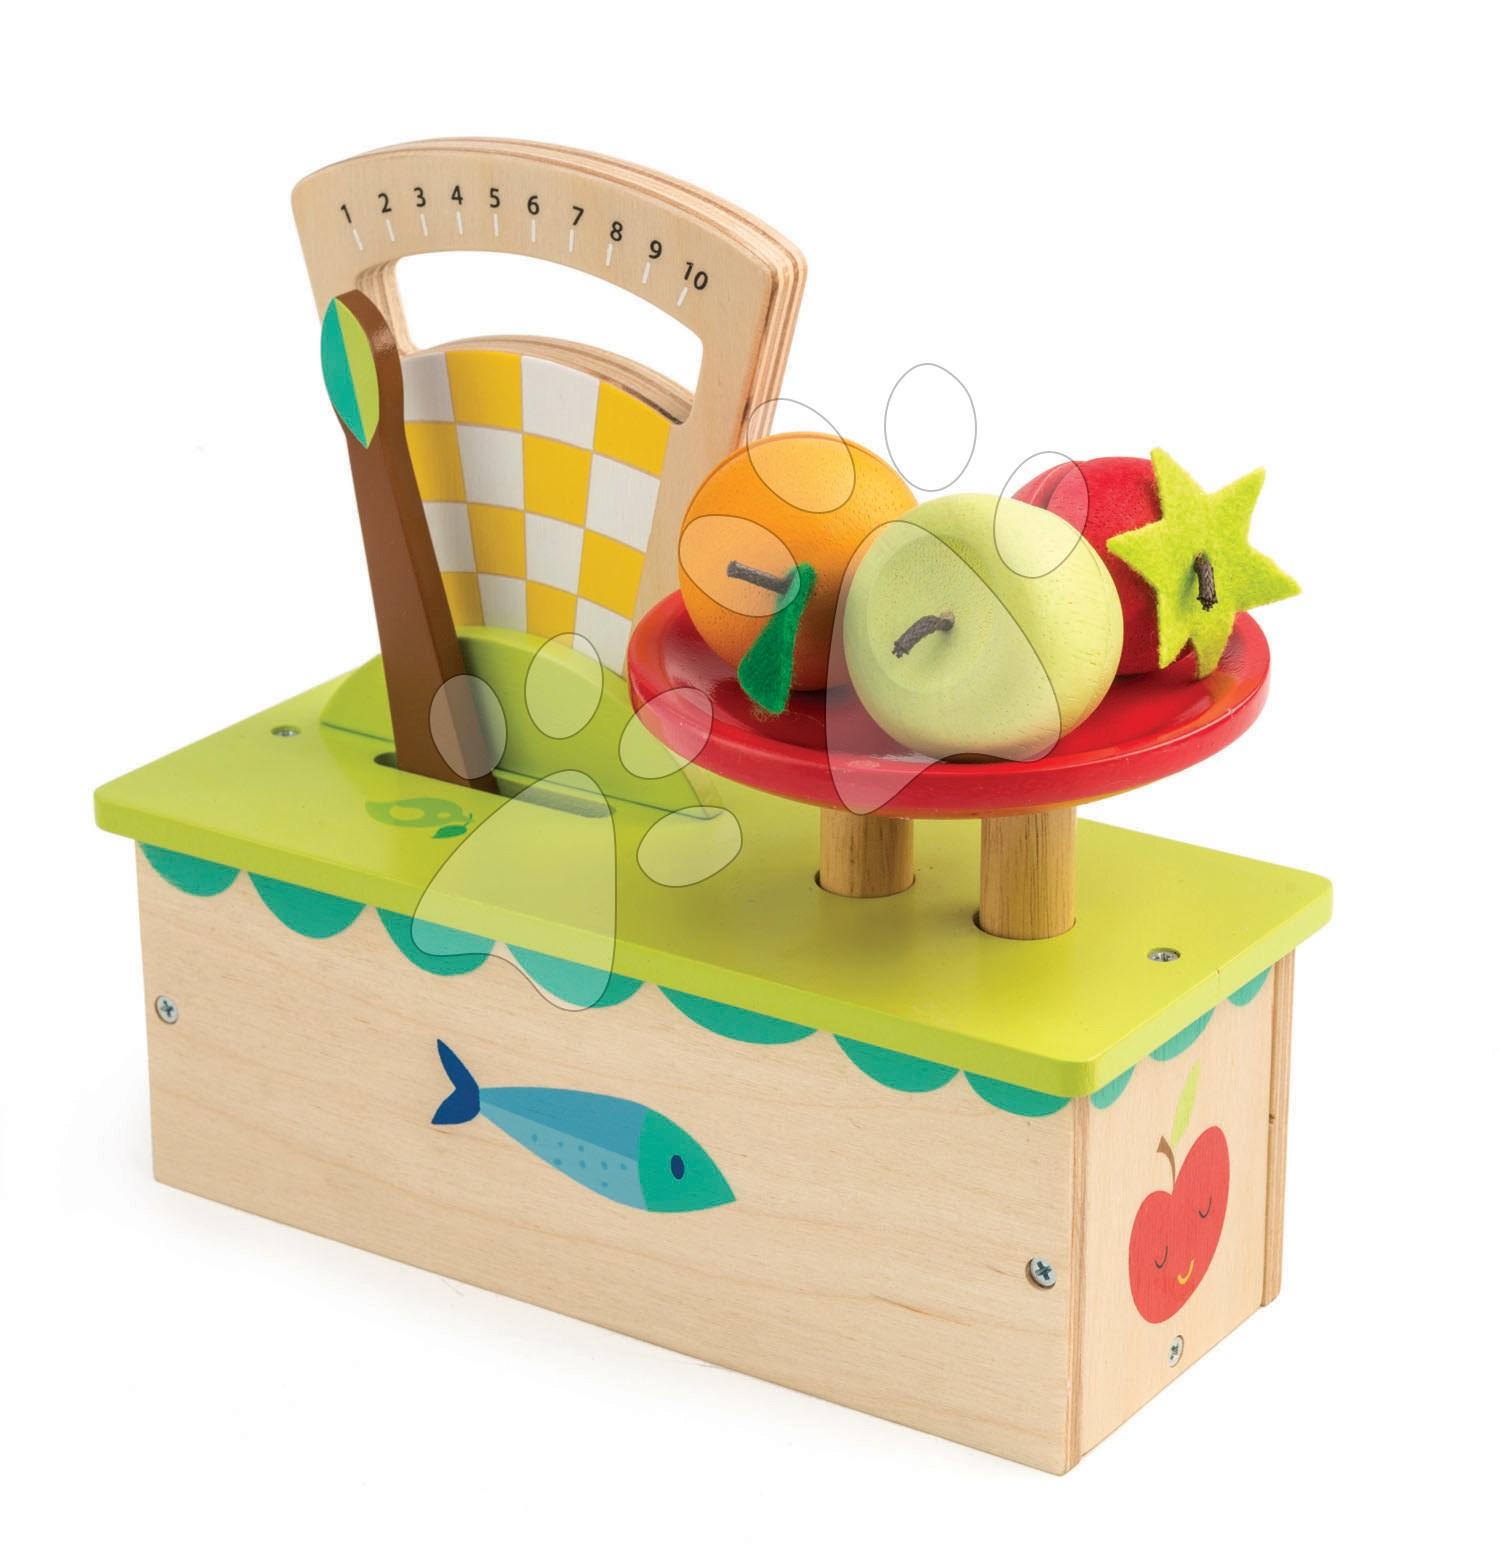 Drevená váha Weighing Scales Tender Leaf Toys 4-dielna súprava s ovocím